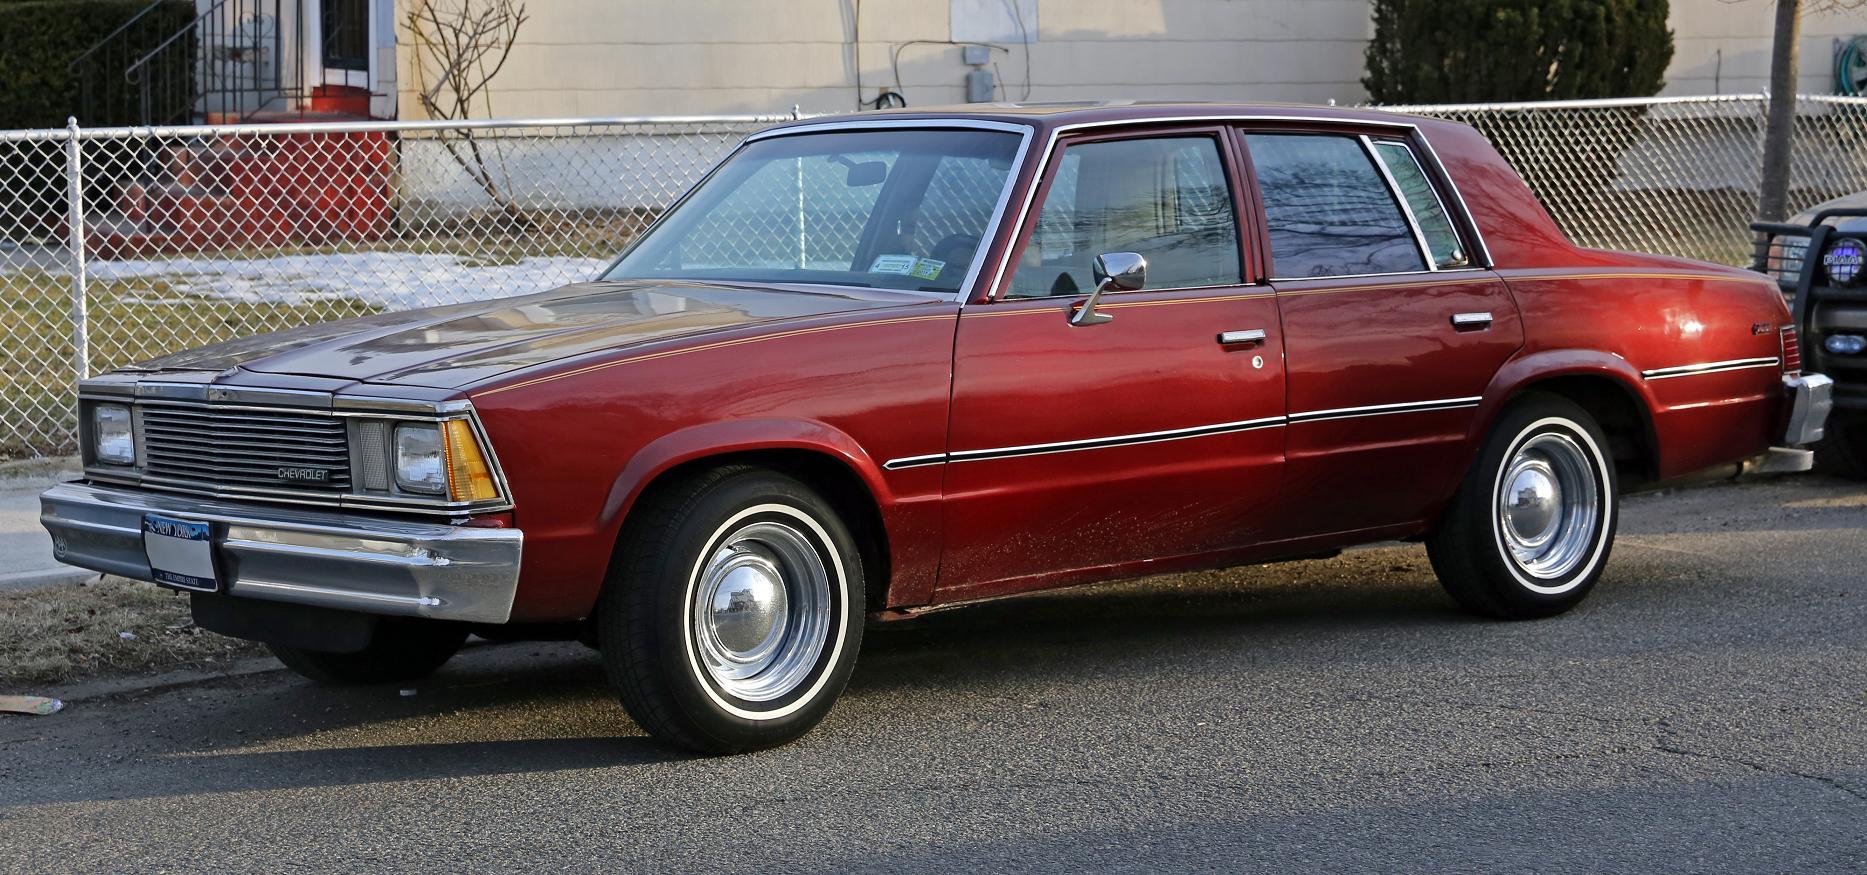 1981_Chevrolet_Malibu